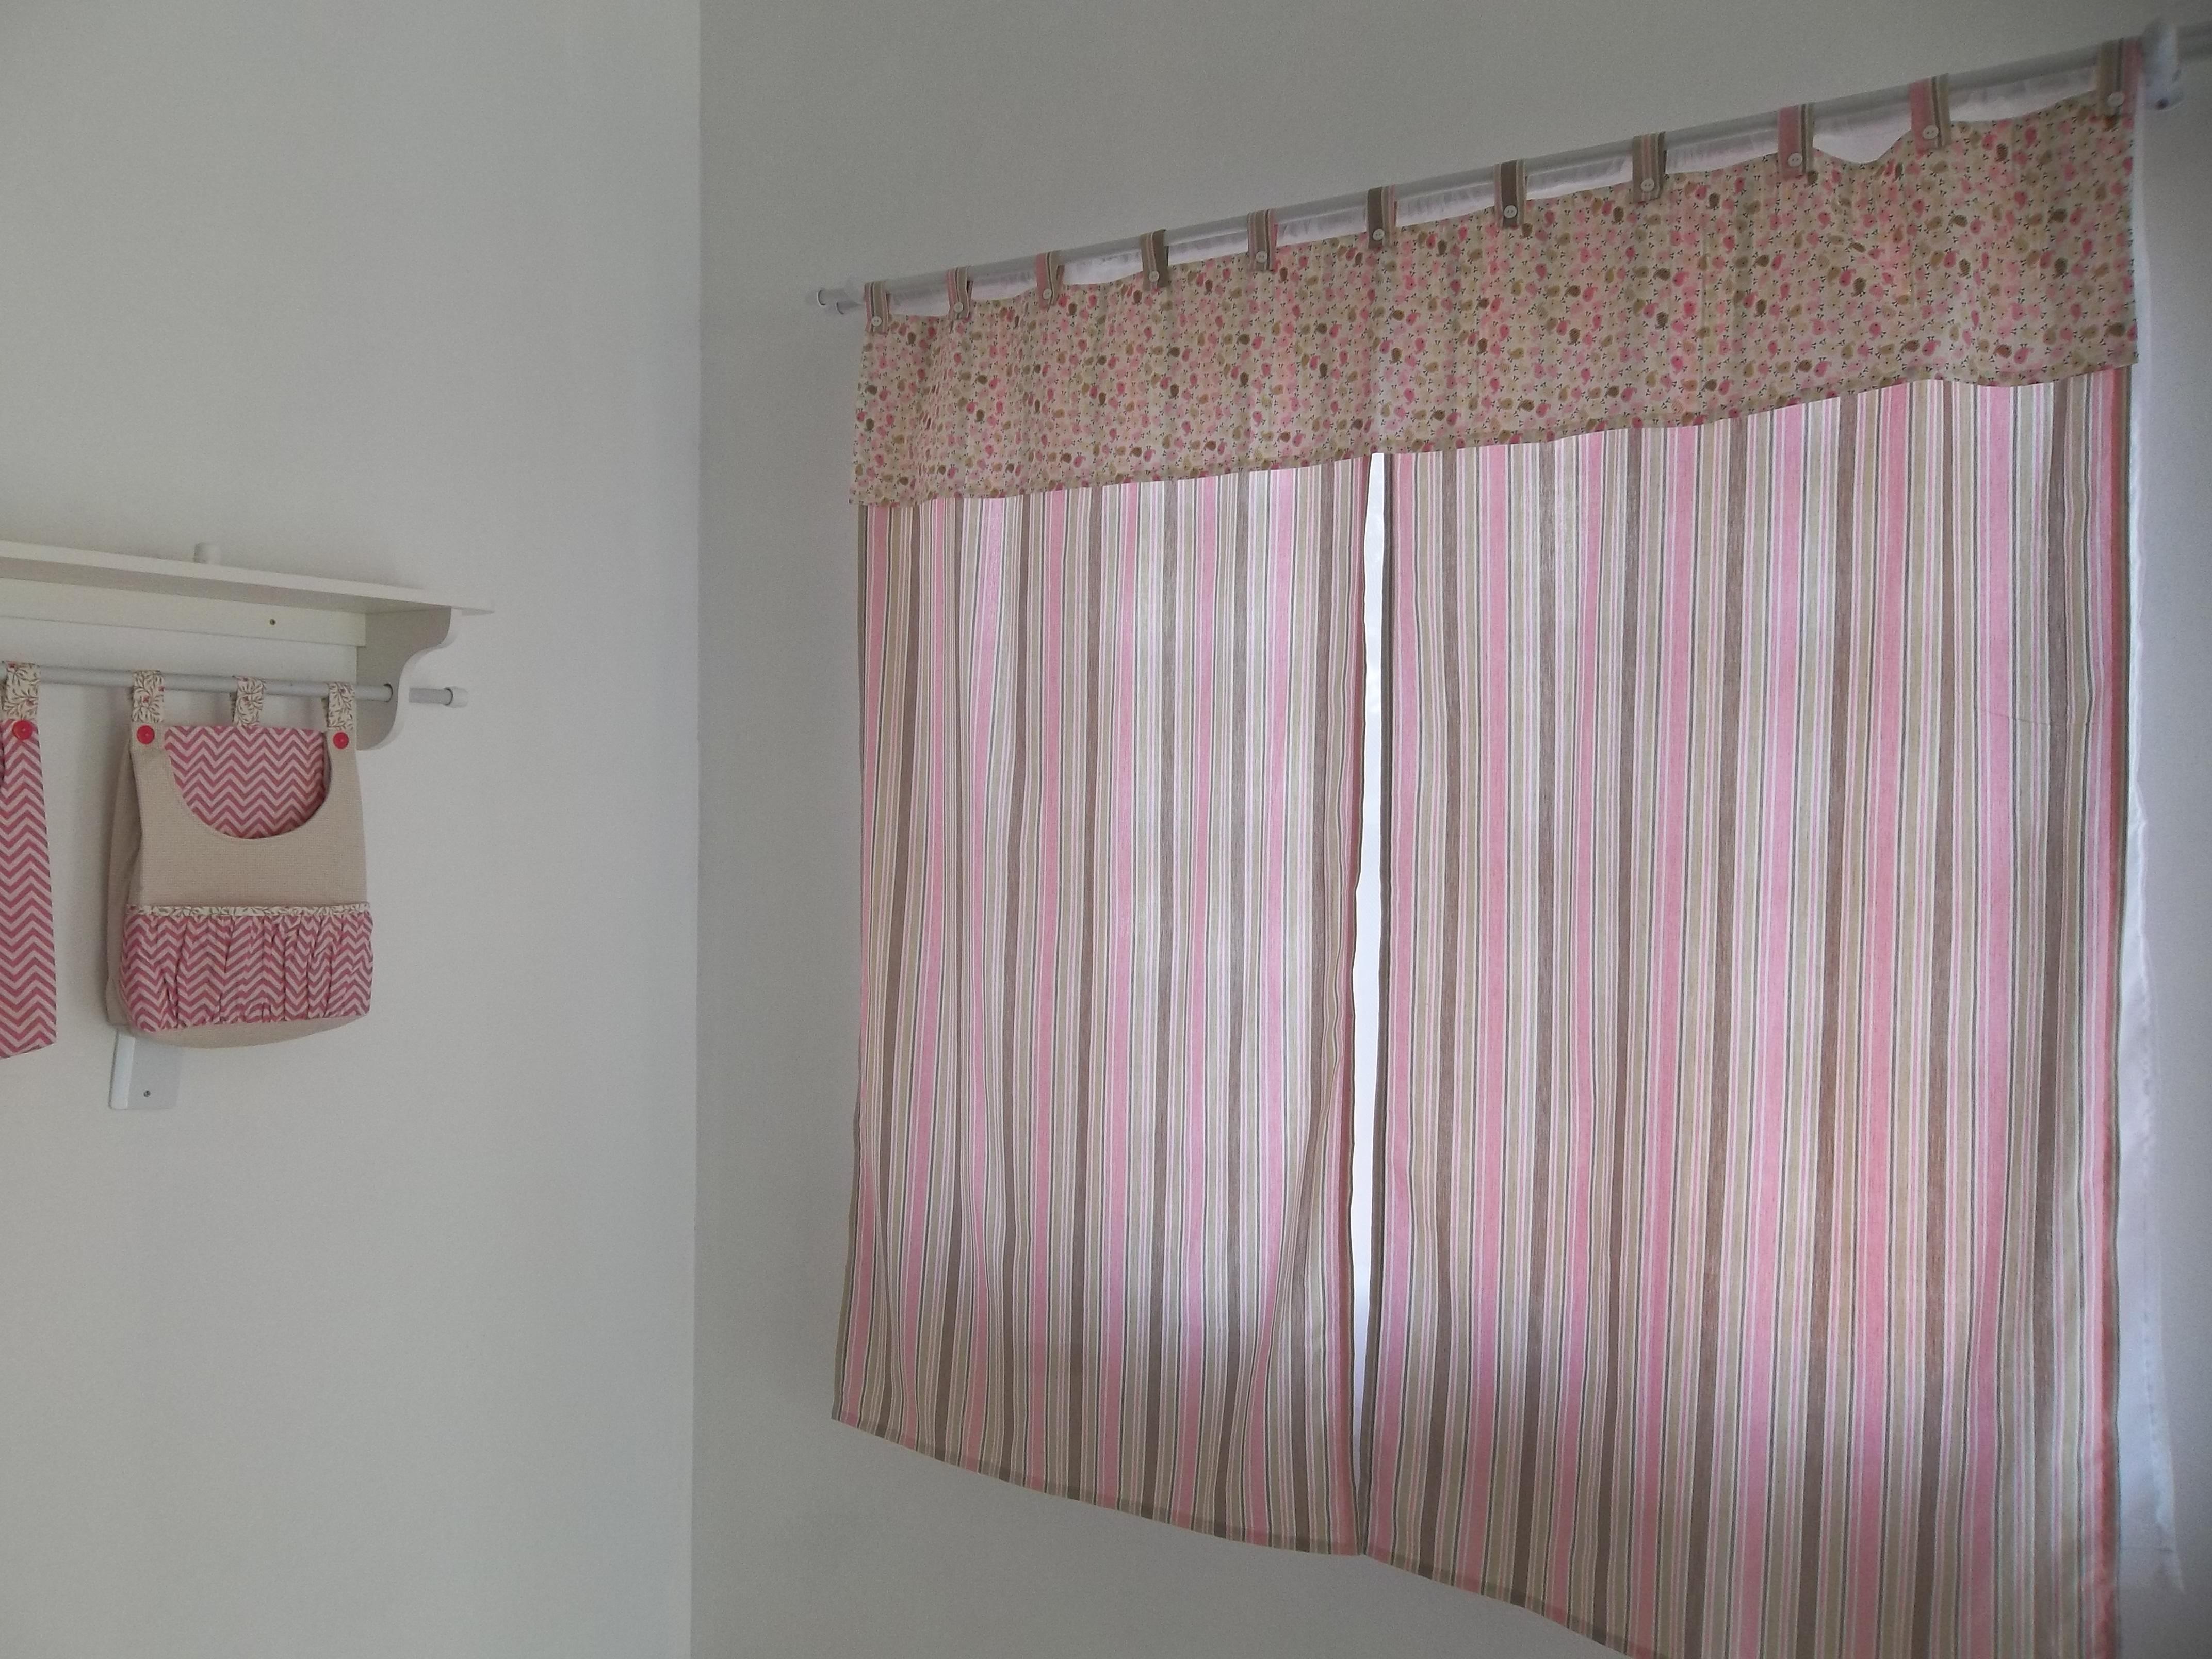 cortina para quarto de bebê  Zana baby enxoval  Elo7